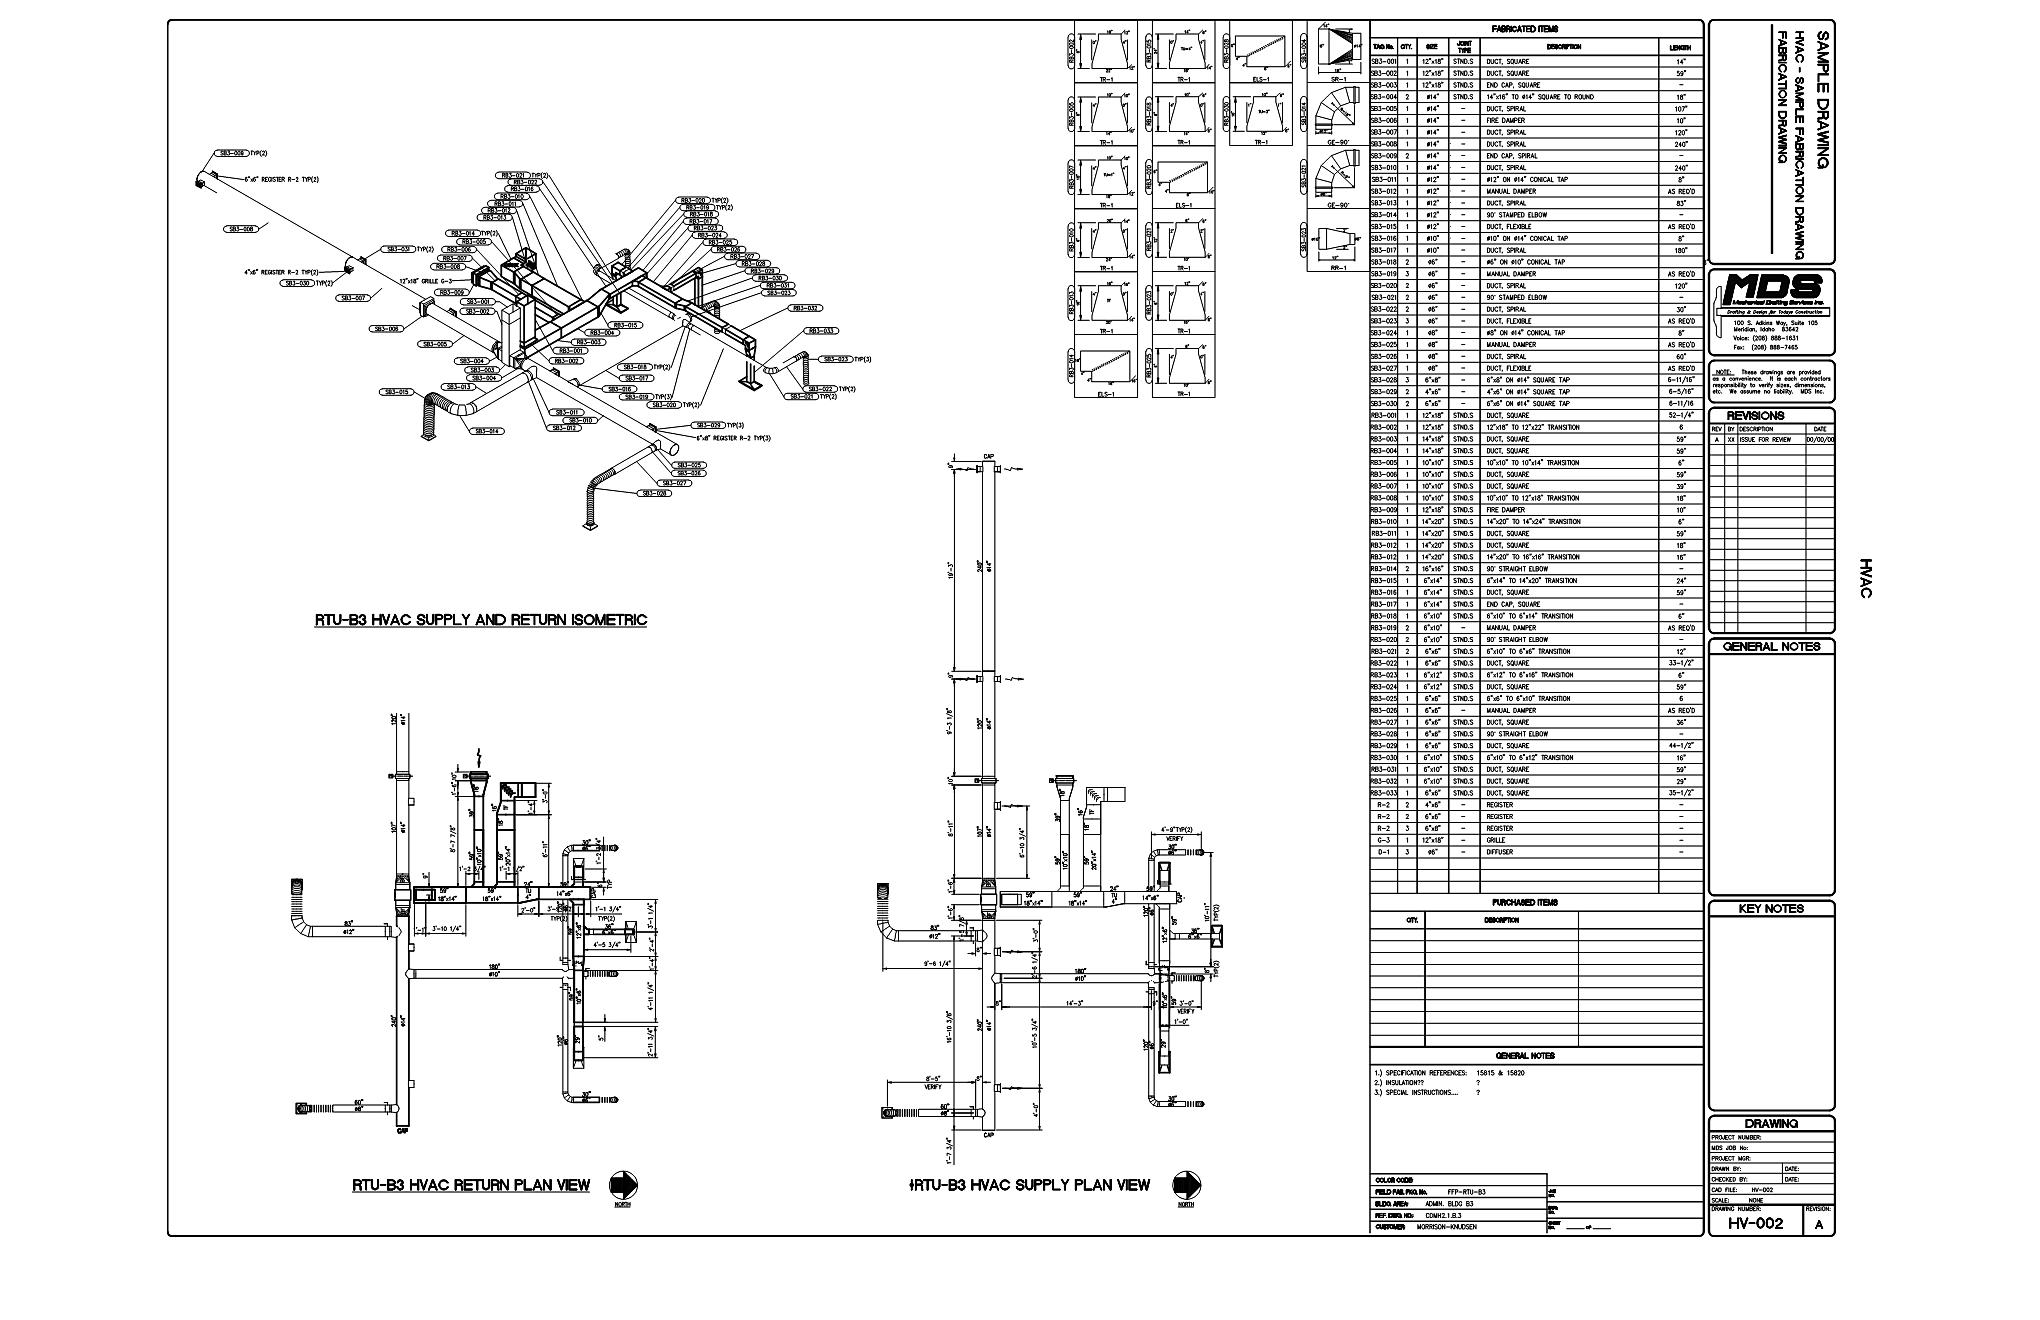 Hvac Drawing Notes | Wiring Diagram